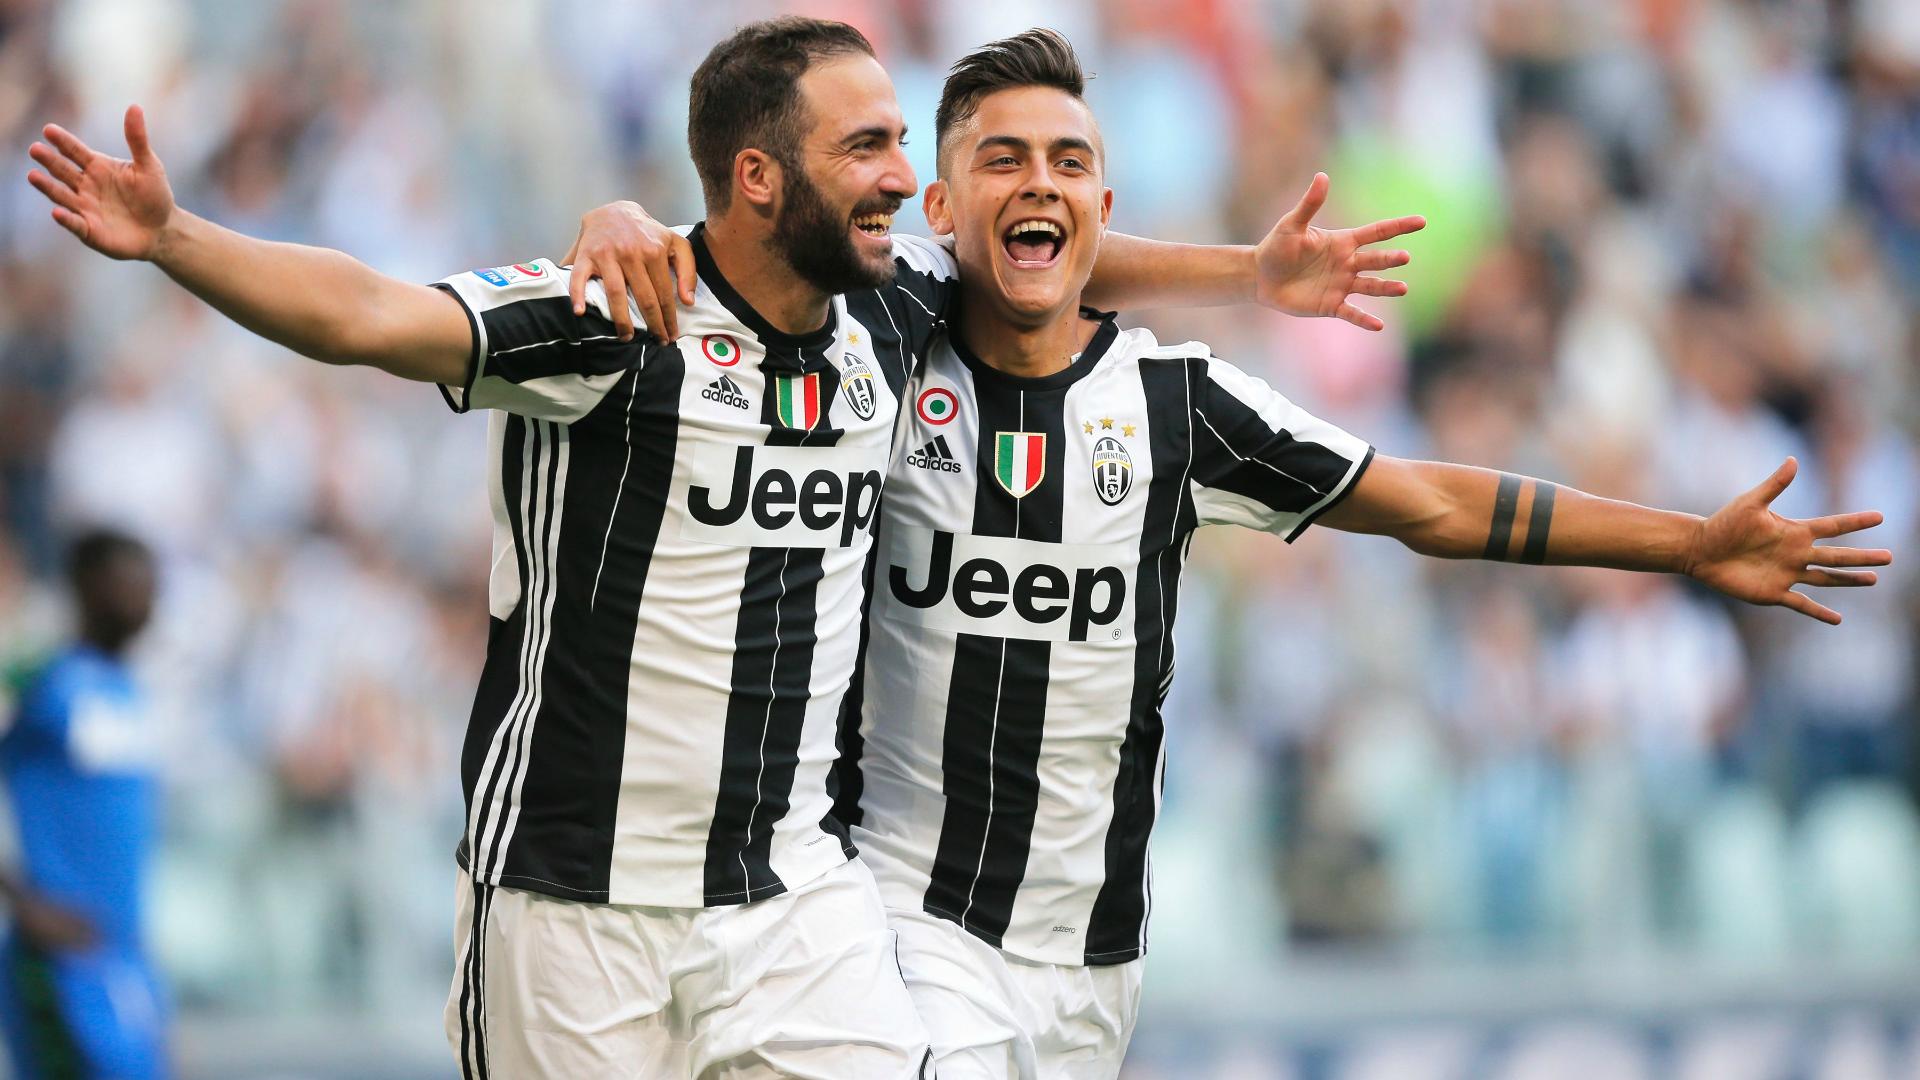 Nhận định bóng đá trận Juventus - Atalanta diễn ra vào 00h00 ngày 15/03 với tỷ lệ kèo, thống kê, và dự đoán của chuyên gia được cập nhật tại đây.